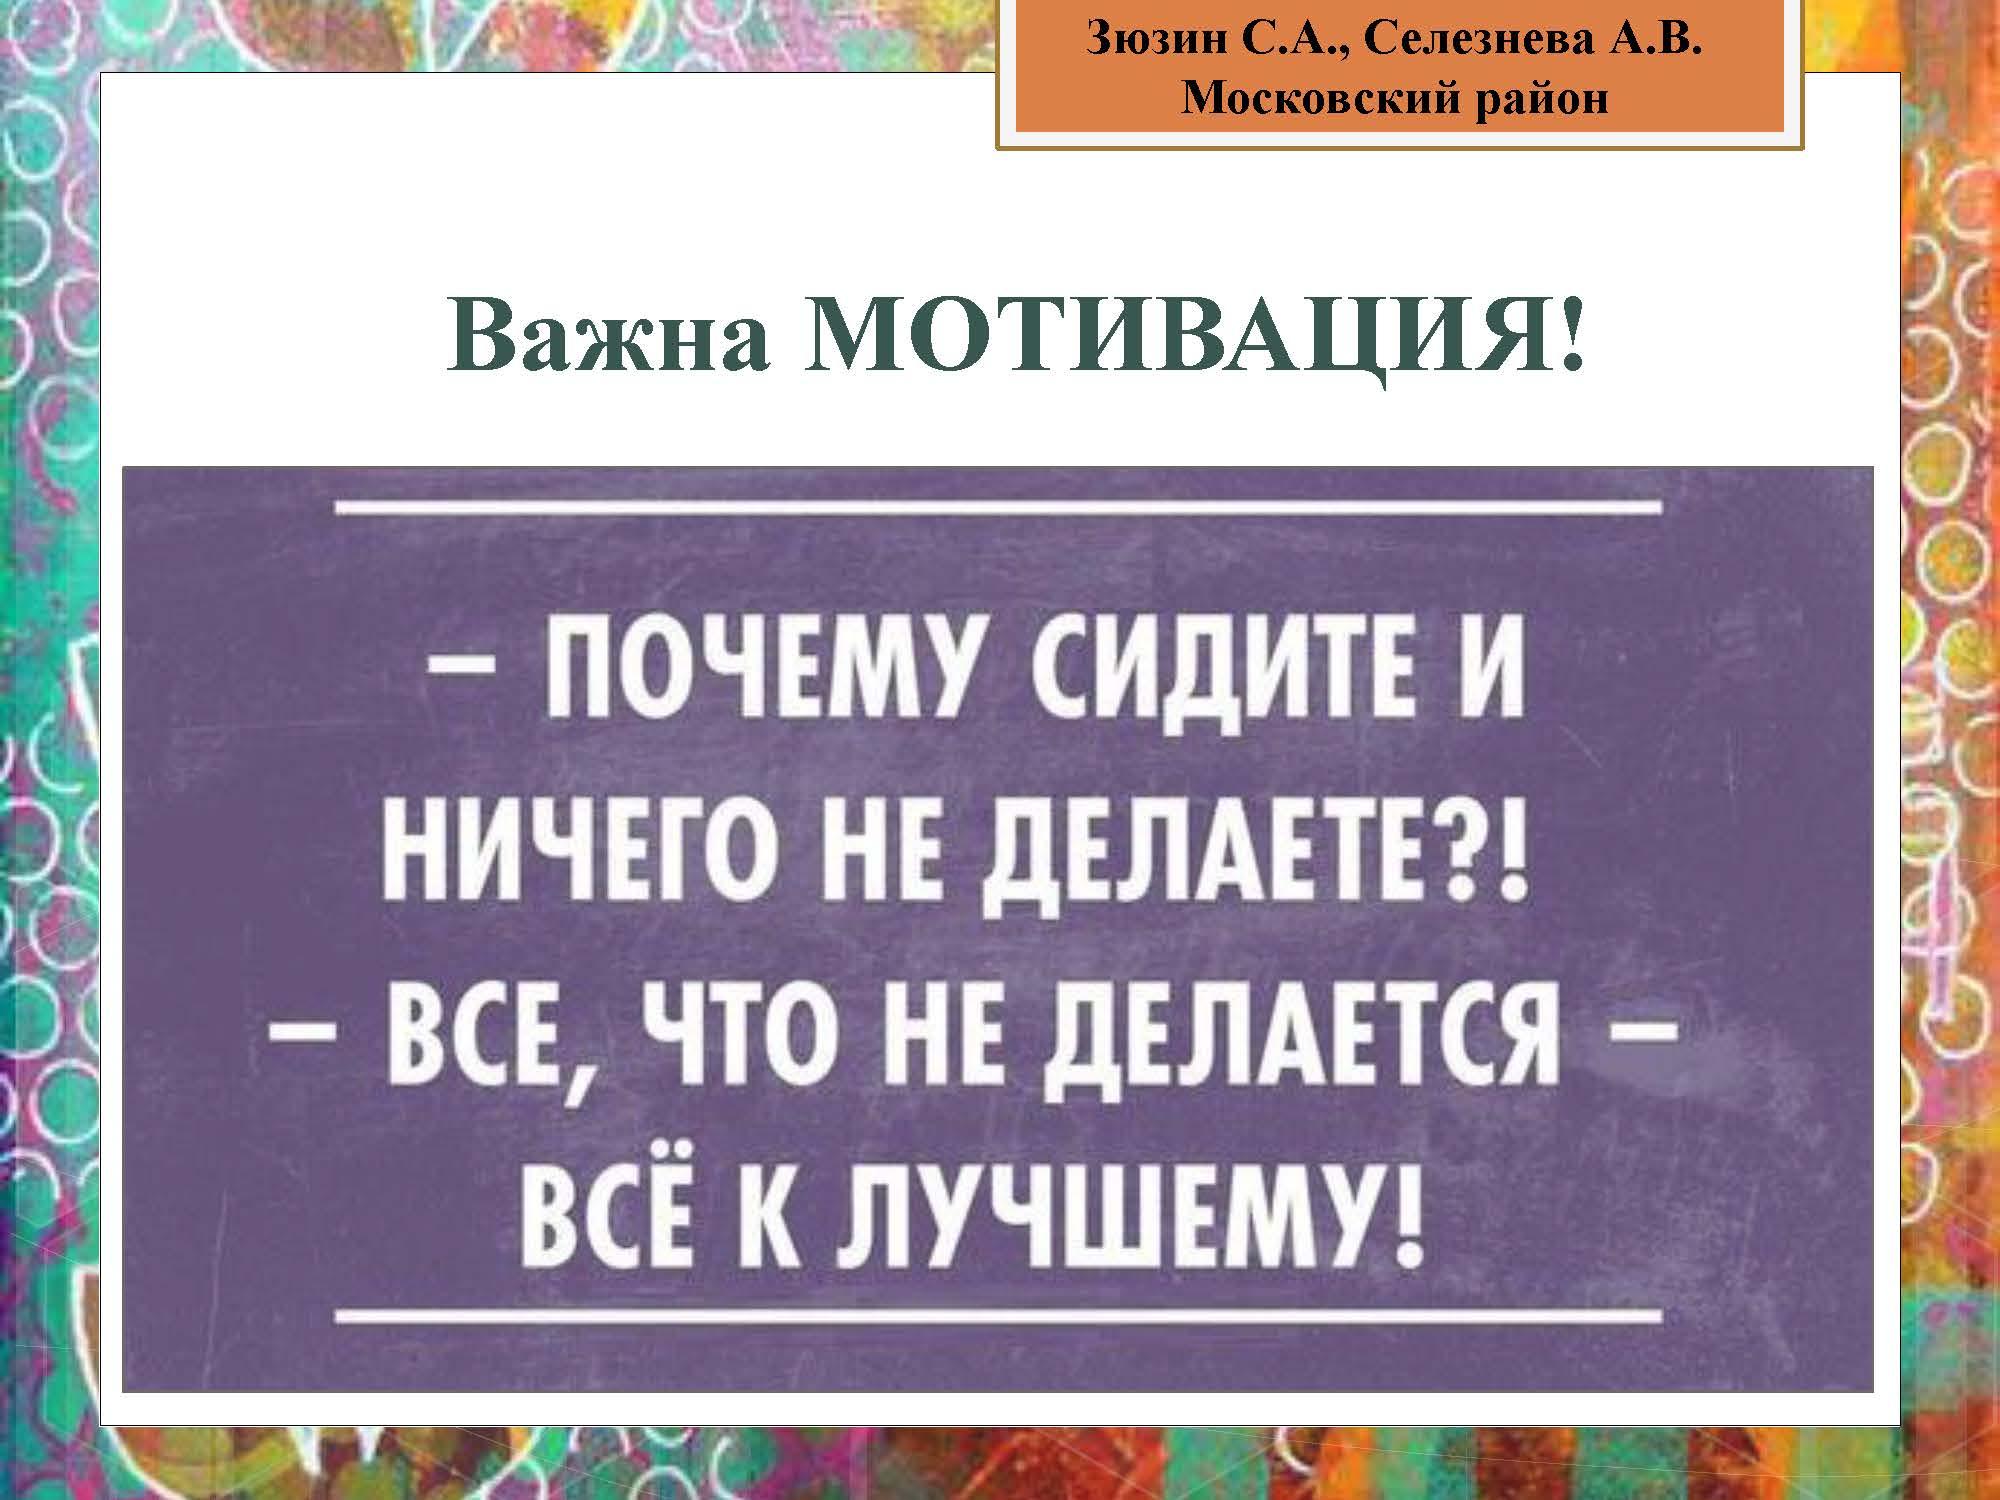 секция 8. ГБОУ 495. Московский район_Страница_03